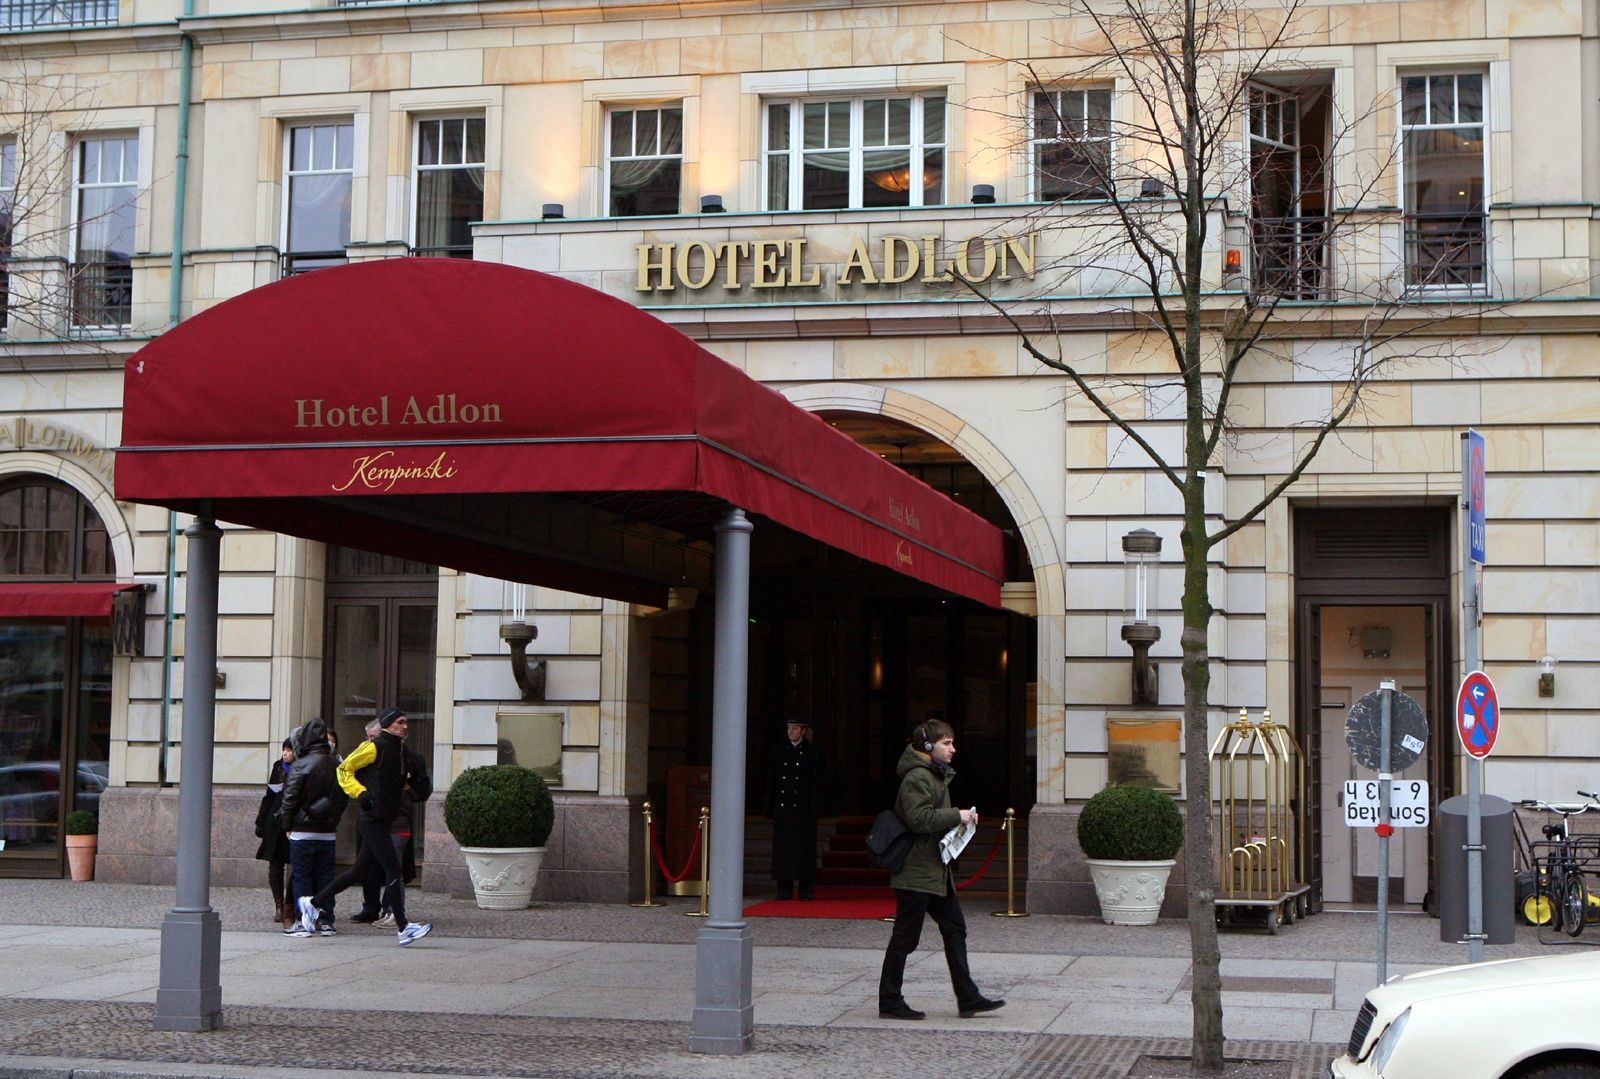 Hotel Adlon in Berlin